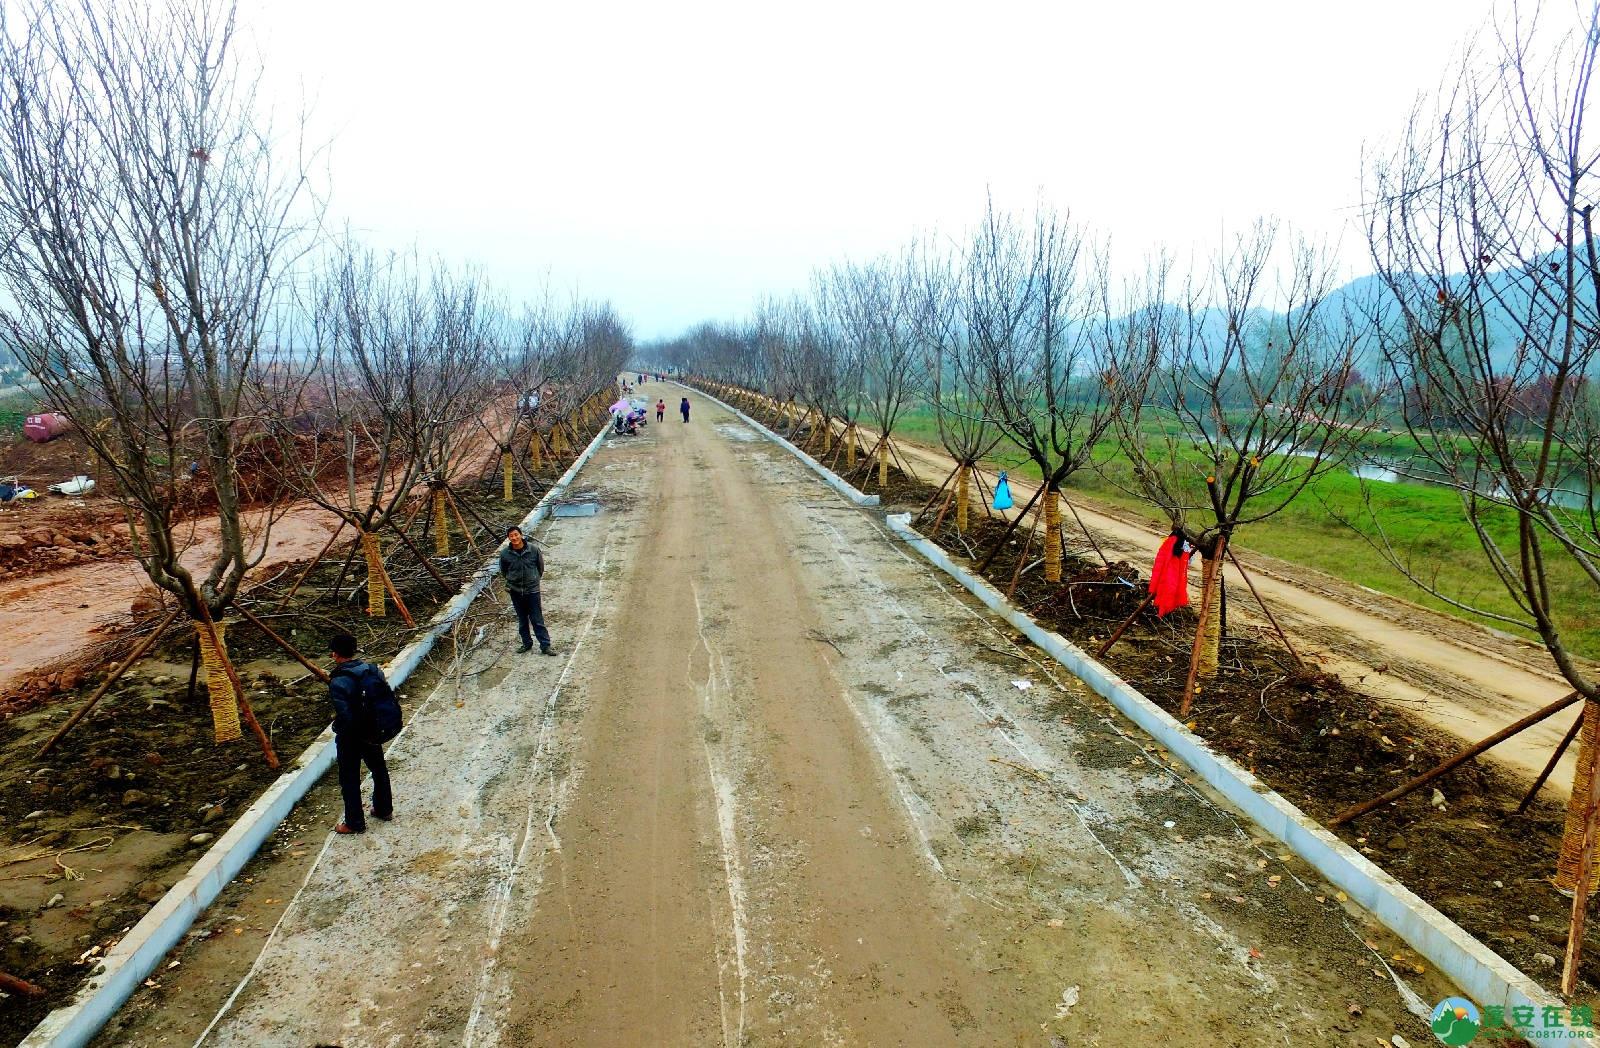 蓬安锦屏湿地公园嘉陵江跑道建设进度 - 第4张  | 蓬安在线